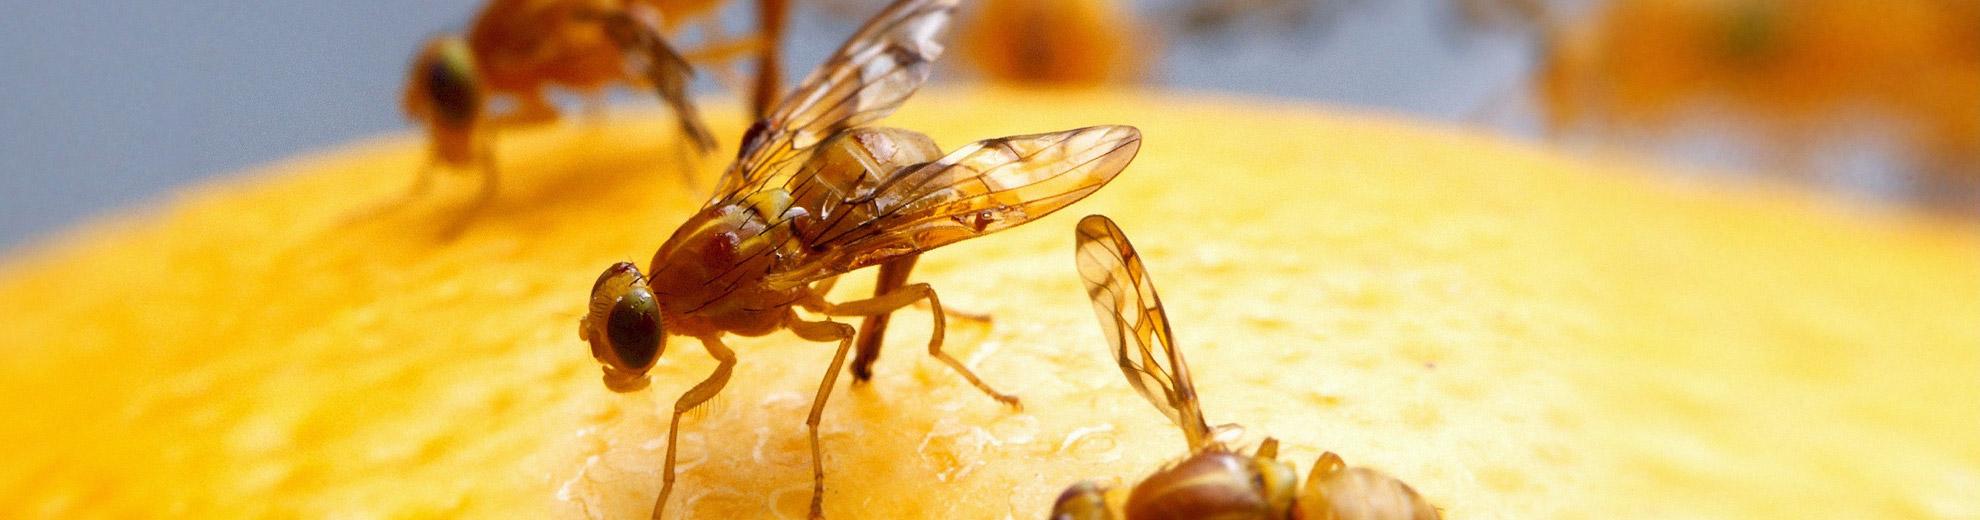 Fliegen in der wohnung trendy angebot with fliegen in der for Was hilft gegen fliegen in der wohnung